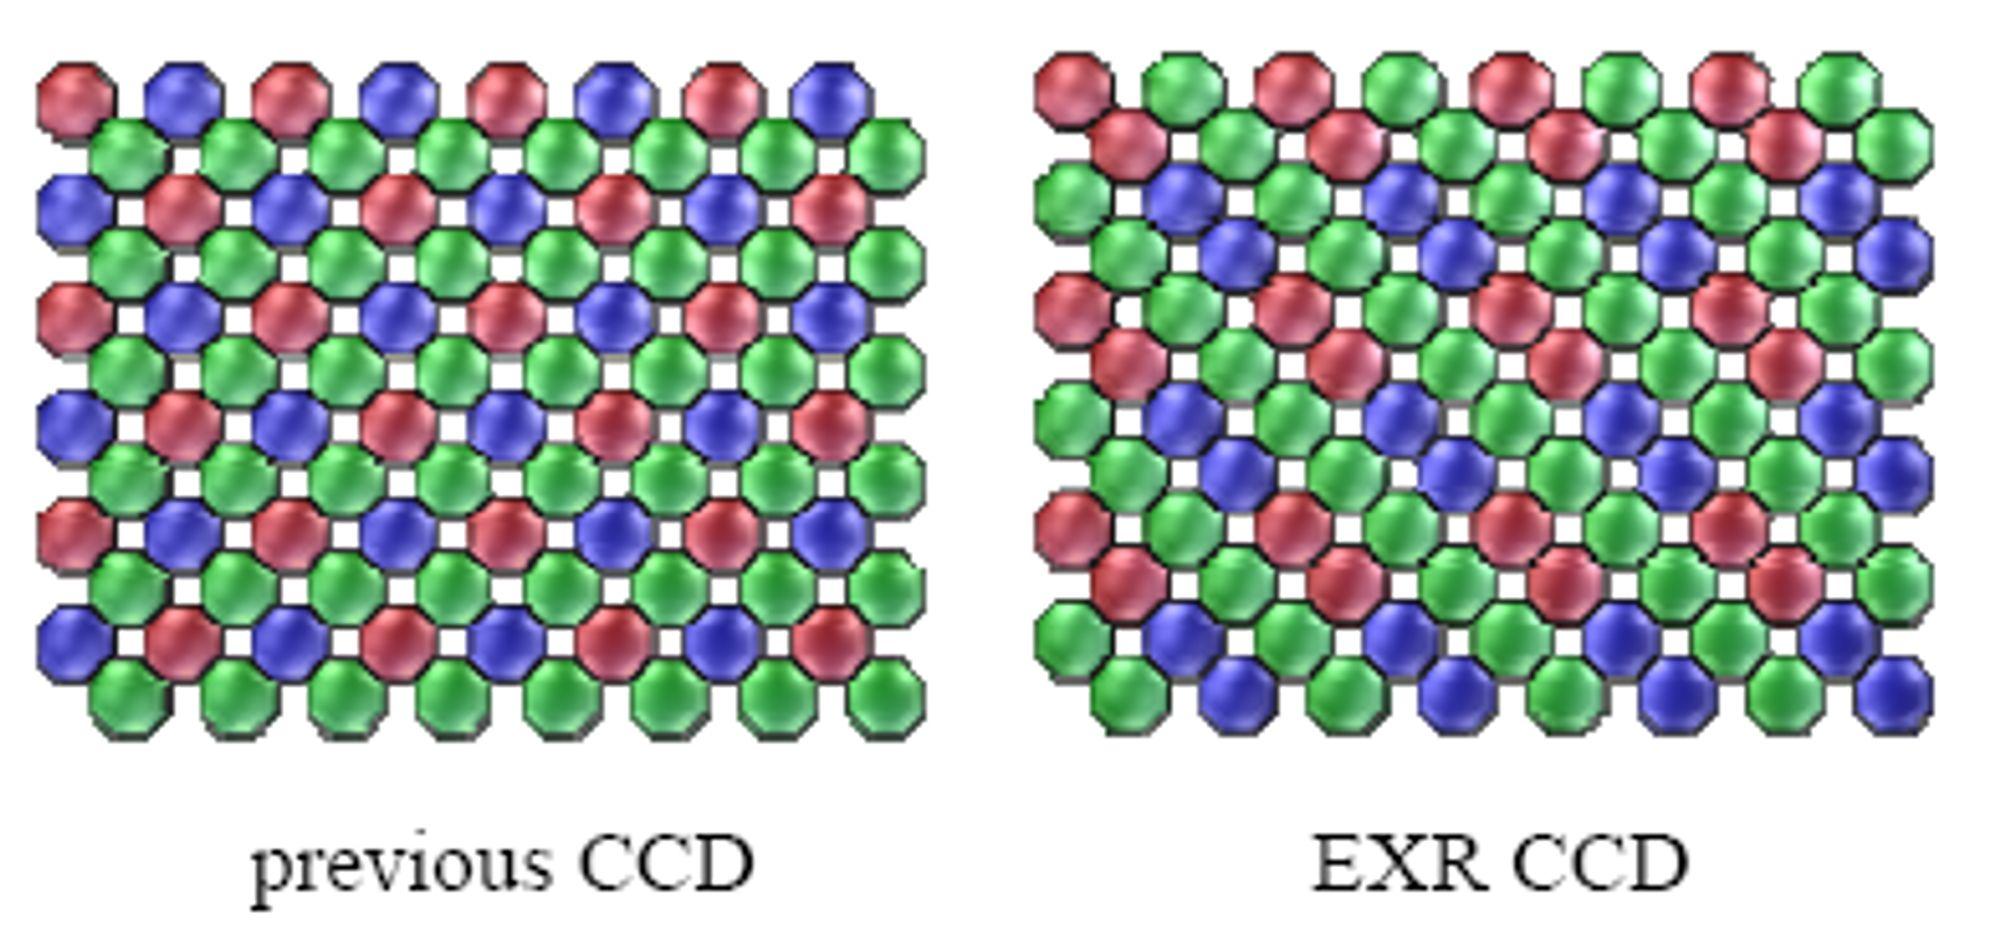 Sammenlikning av tidligere og nytt pikseloppsett.